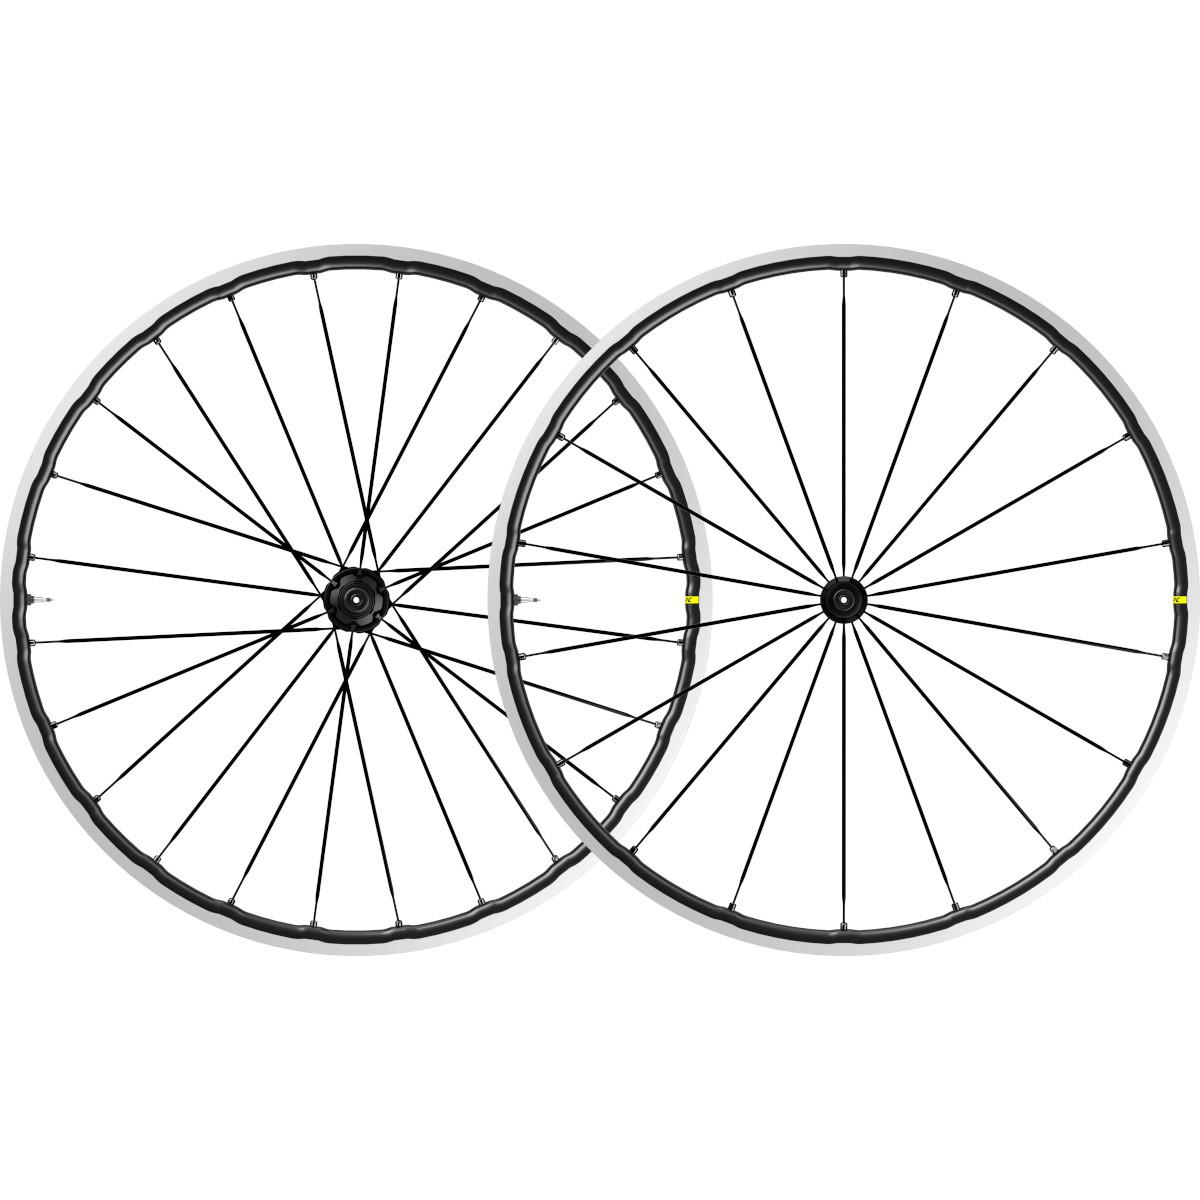 Mavic Ksyrium SL UST Laufradsatz - QR - Shimano HG